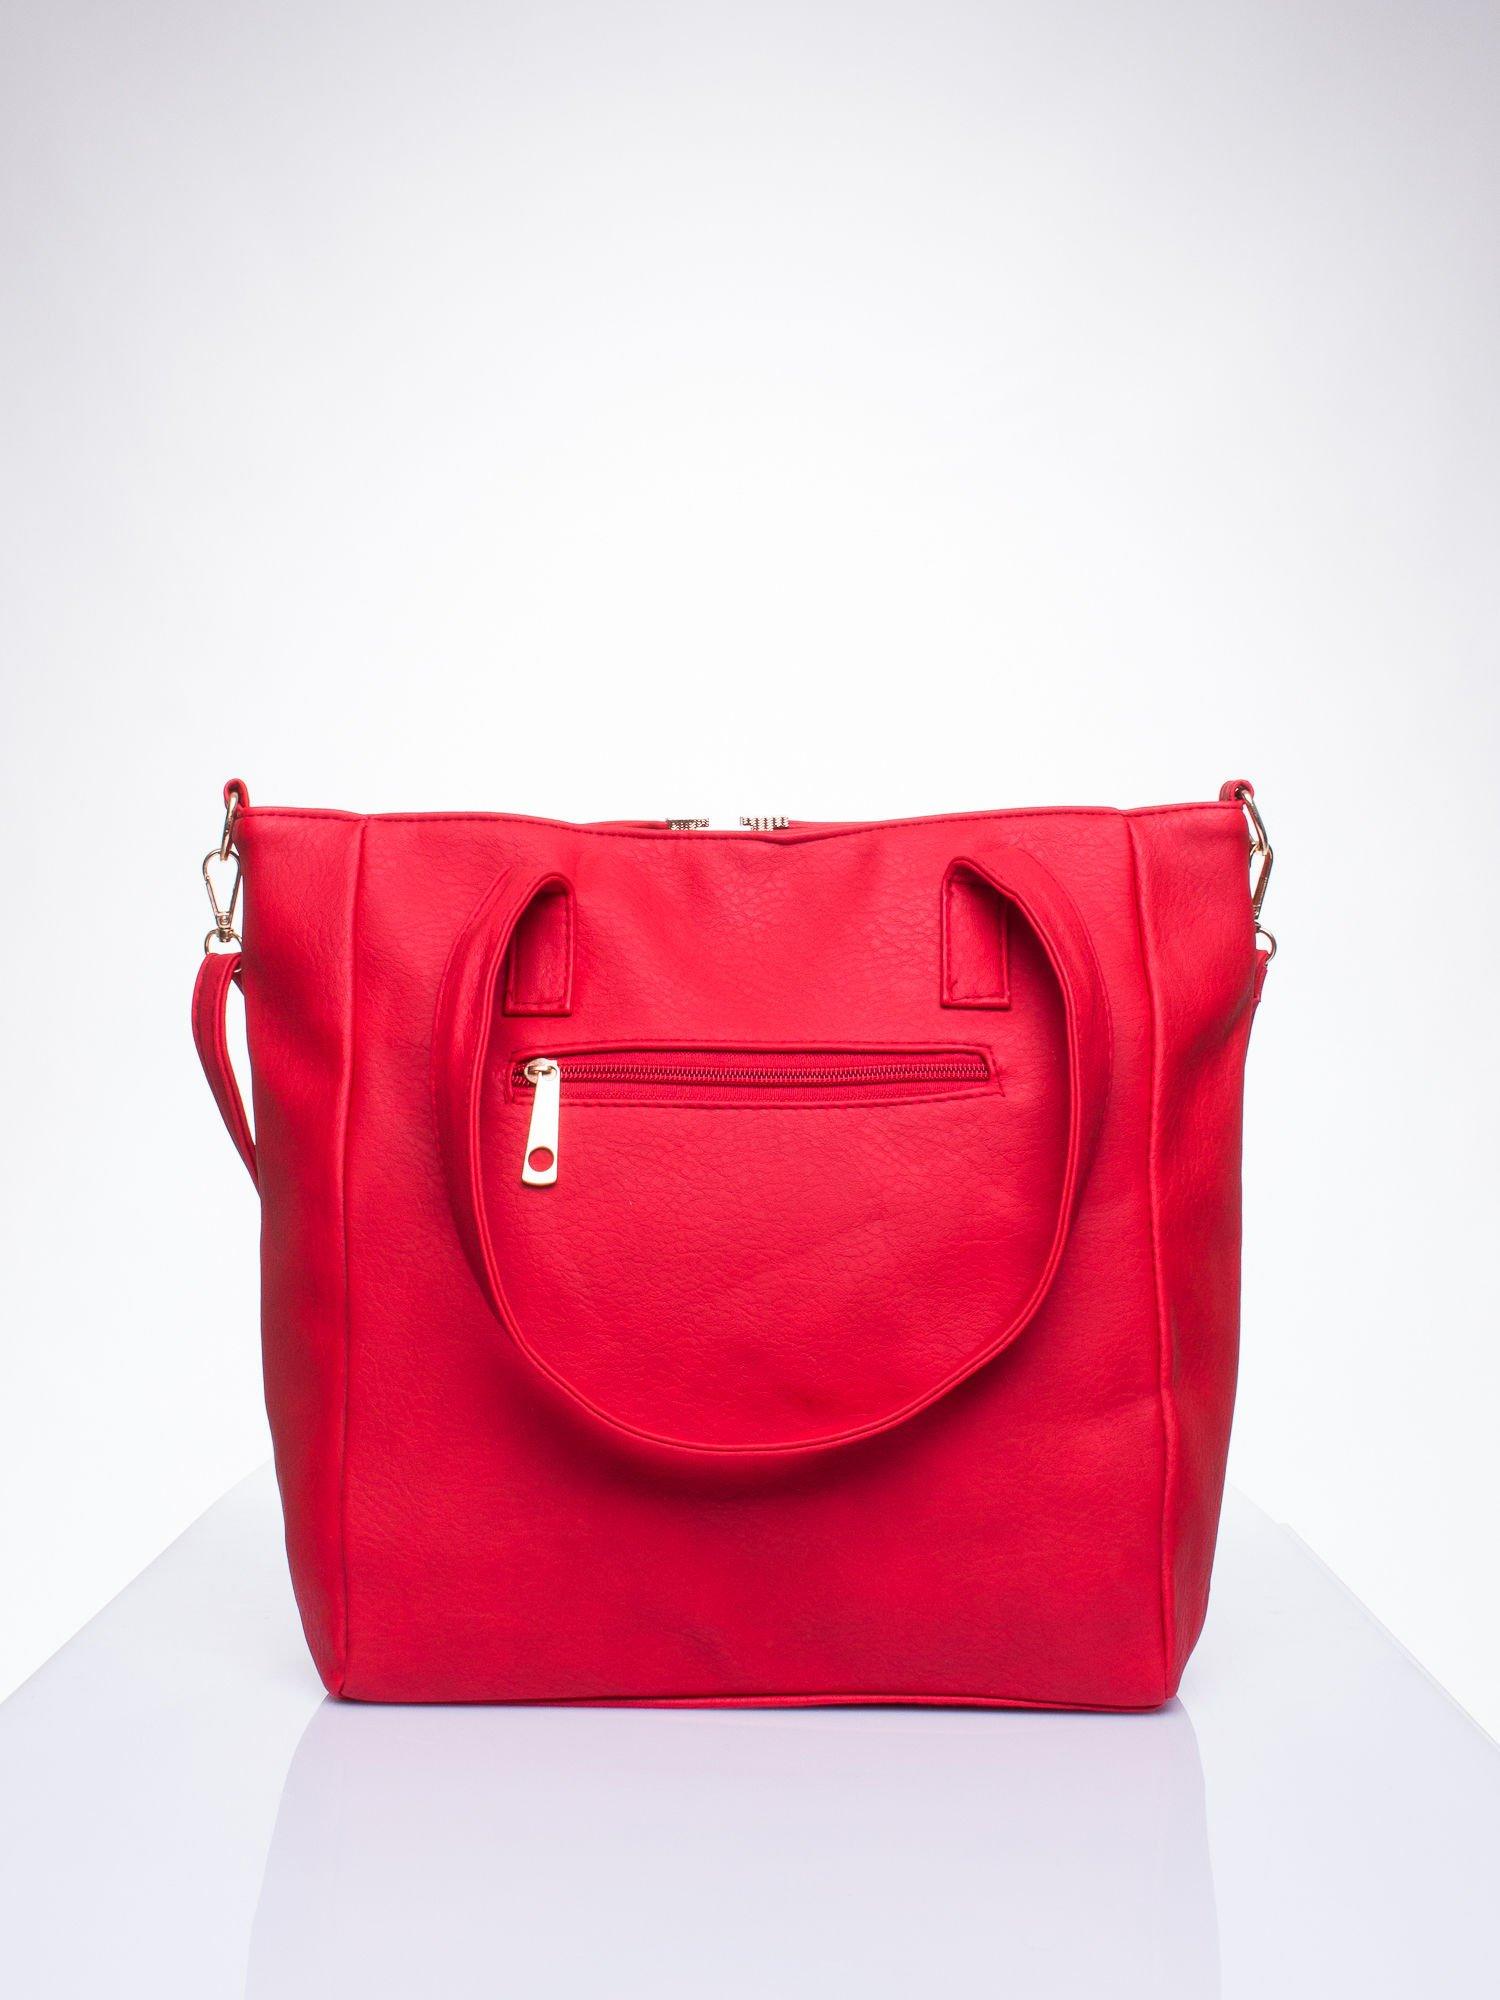 Czerwona torba shopper bag ze kieszeniami na klapki                                  zdj.                                  3